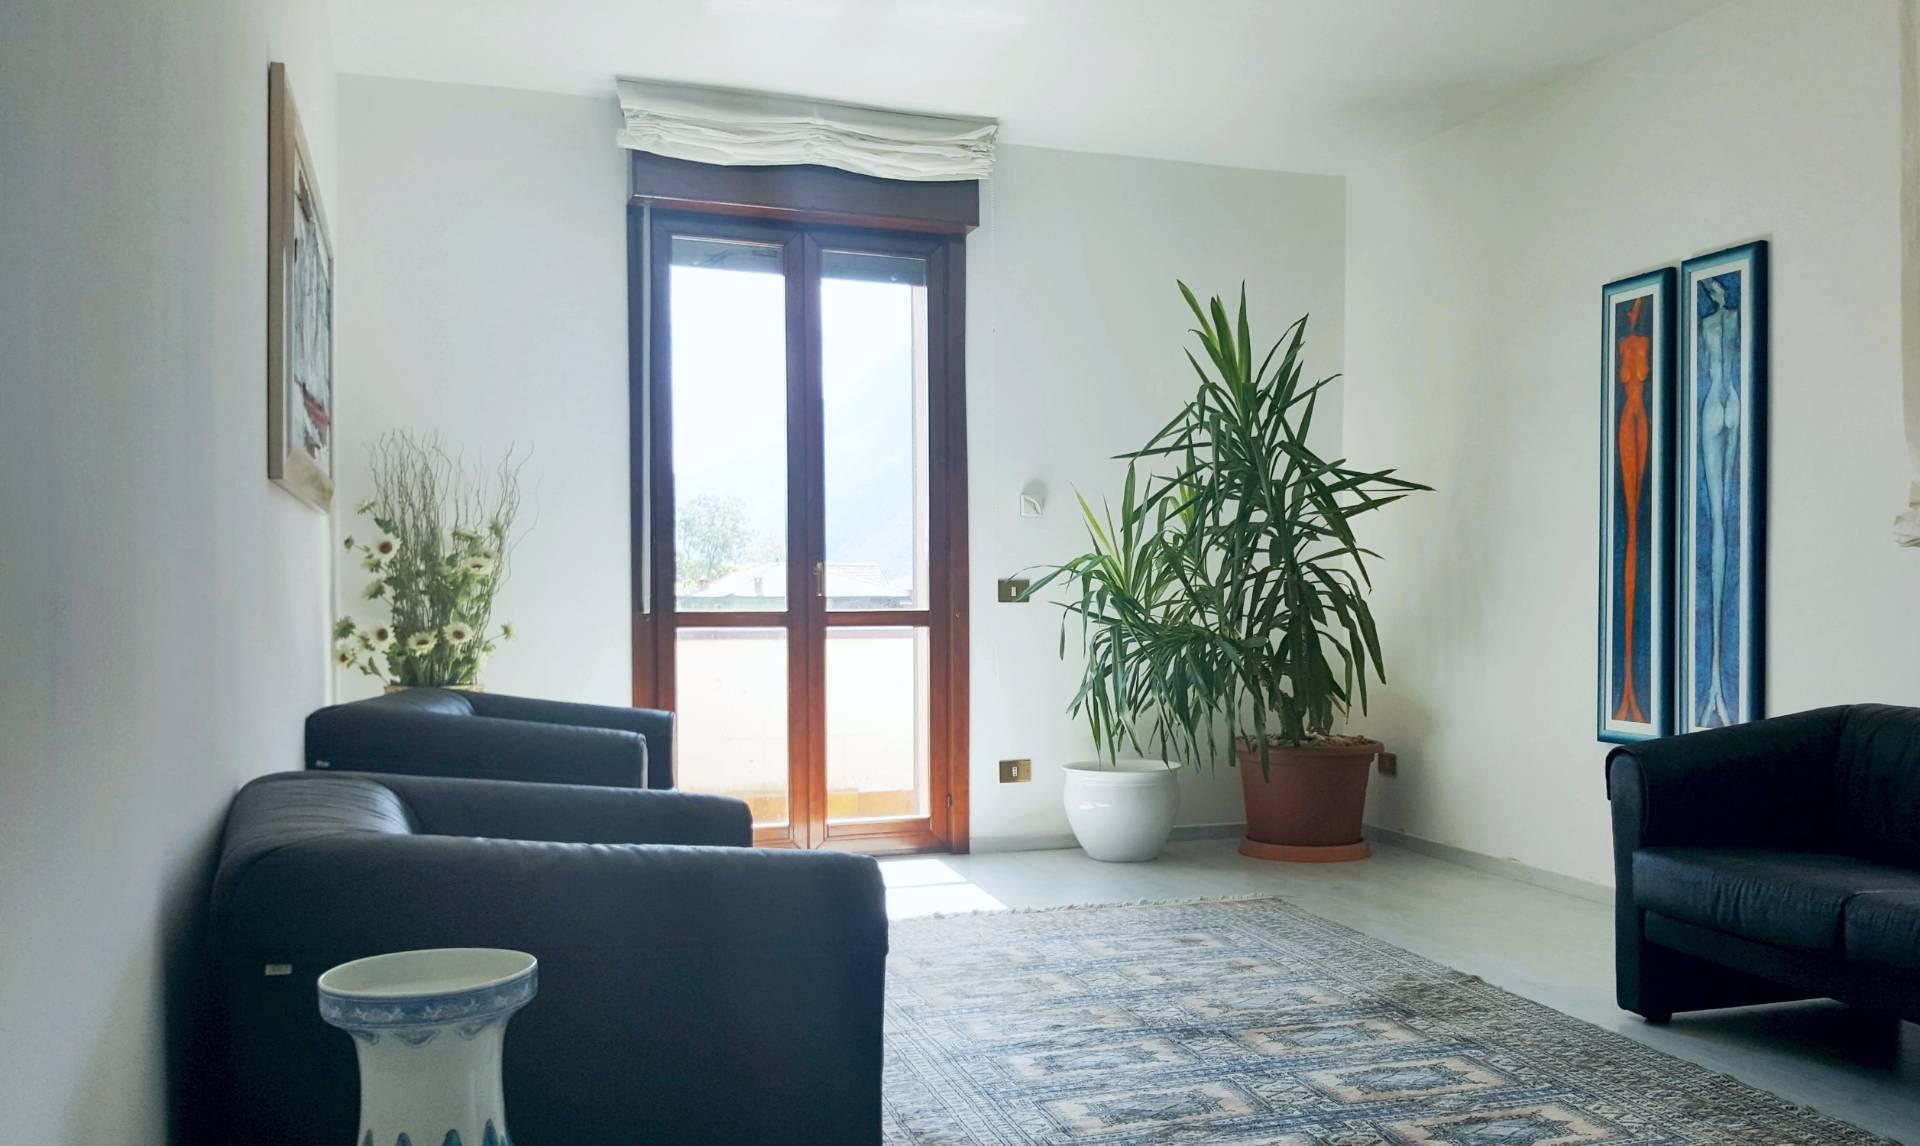 Appartamento in vendita a Gianico, 5 locali, prezzo € 115.000 | Cambio Casa.it